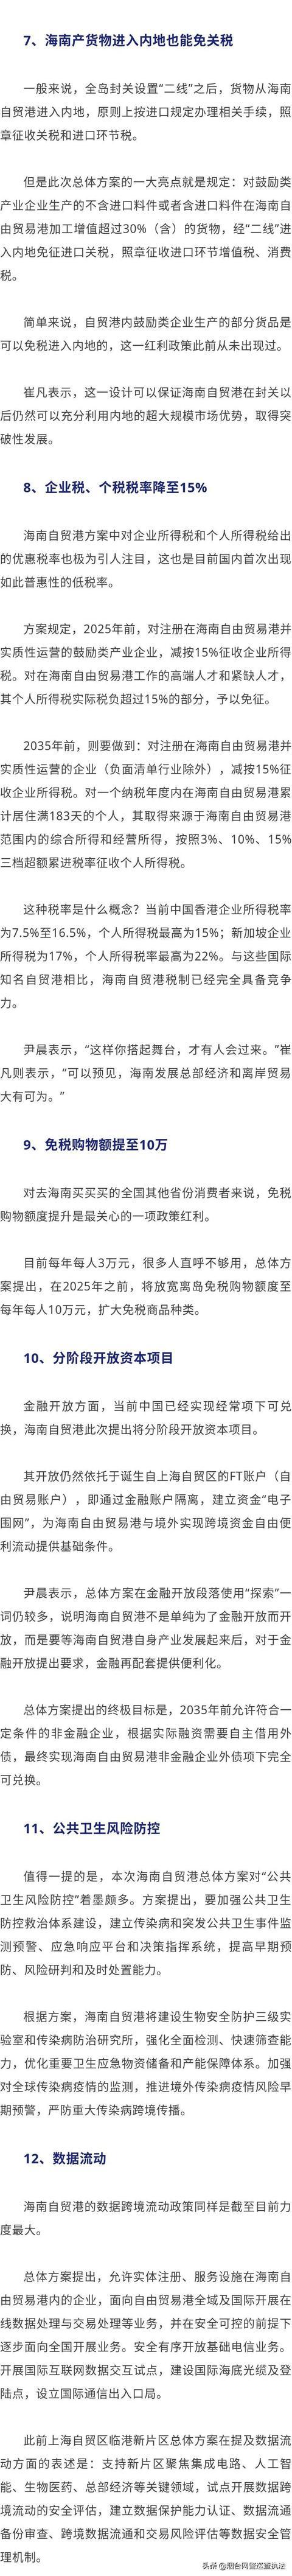 详解海南自贸港12大政策亮点:全岛零关税成购物天堂,税率比肩香港新加坡